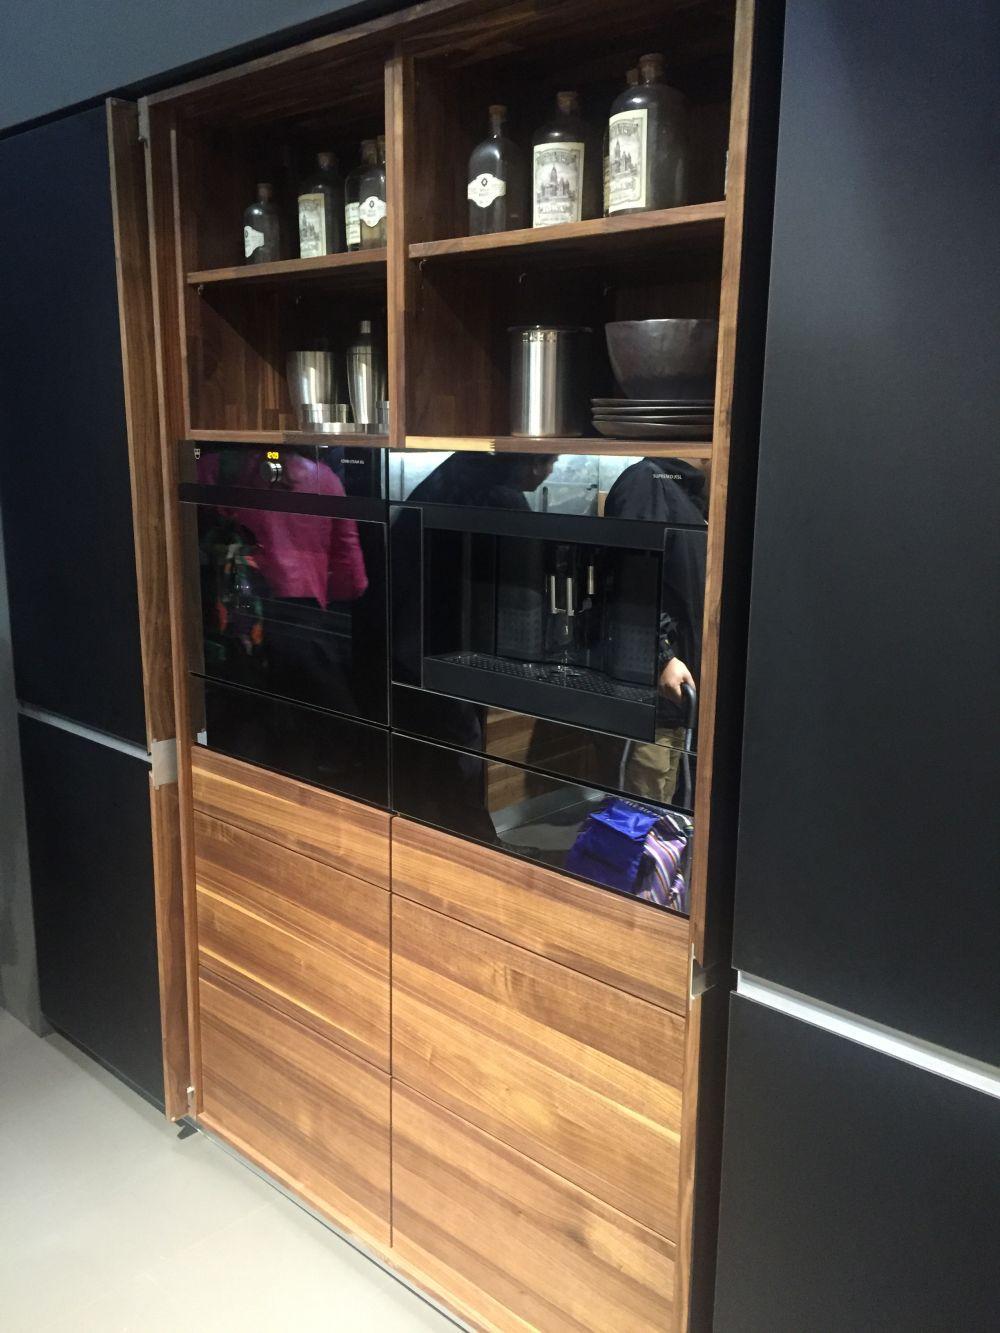 Most Efficient Kitchen Design